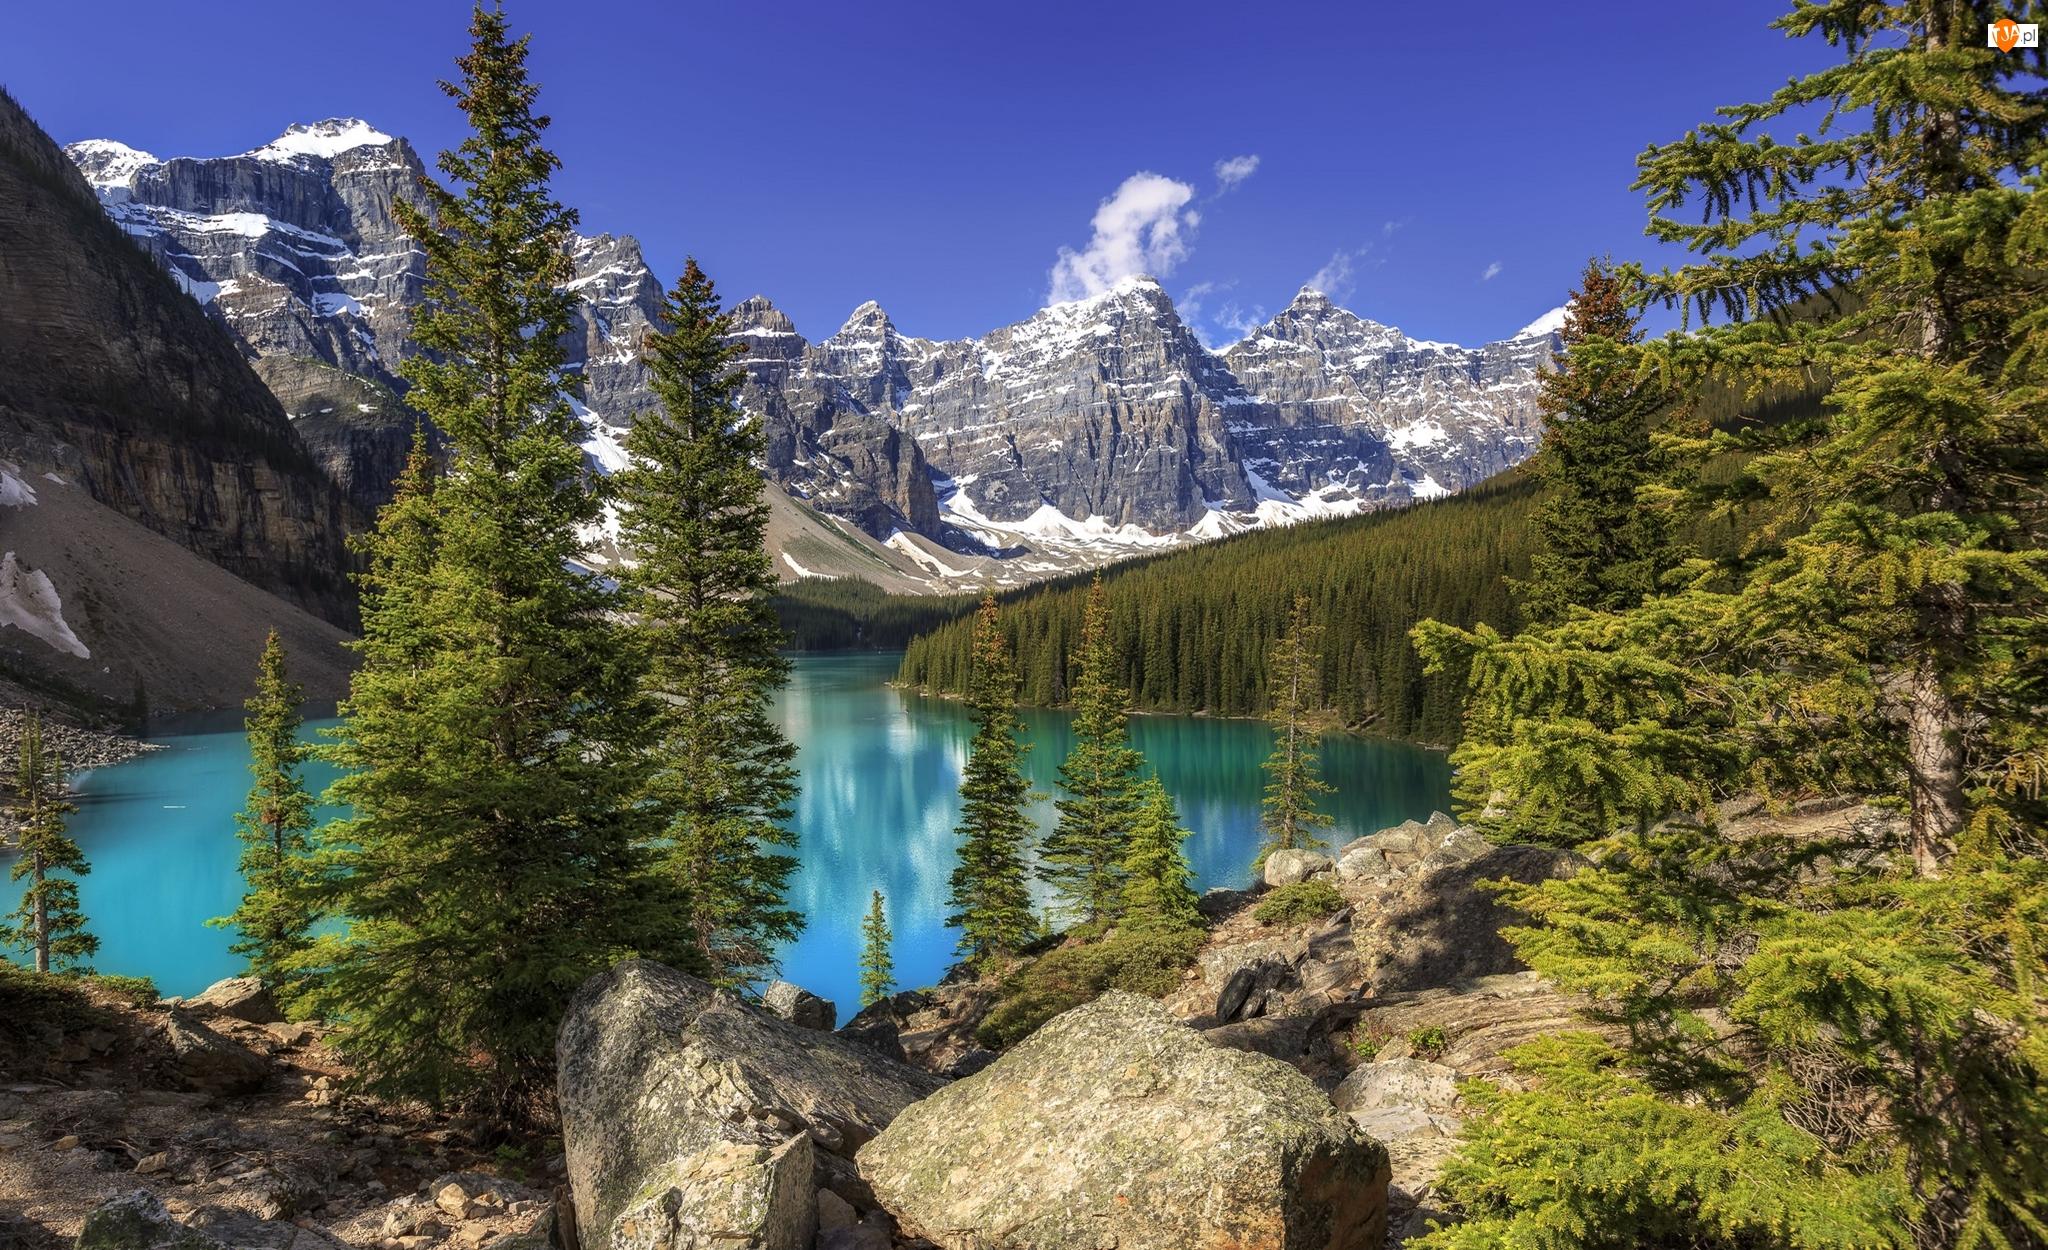 Jezioro Moraine, Las, Kanada, Park Narodowy Banff, Alberta, Góry, Drzewa